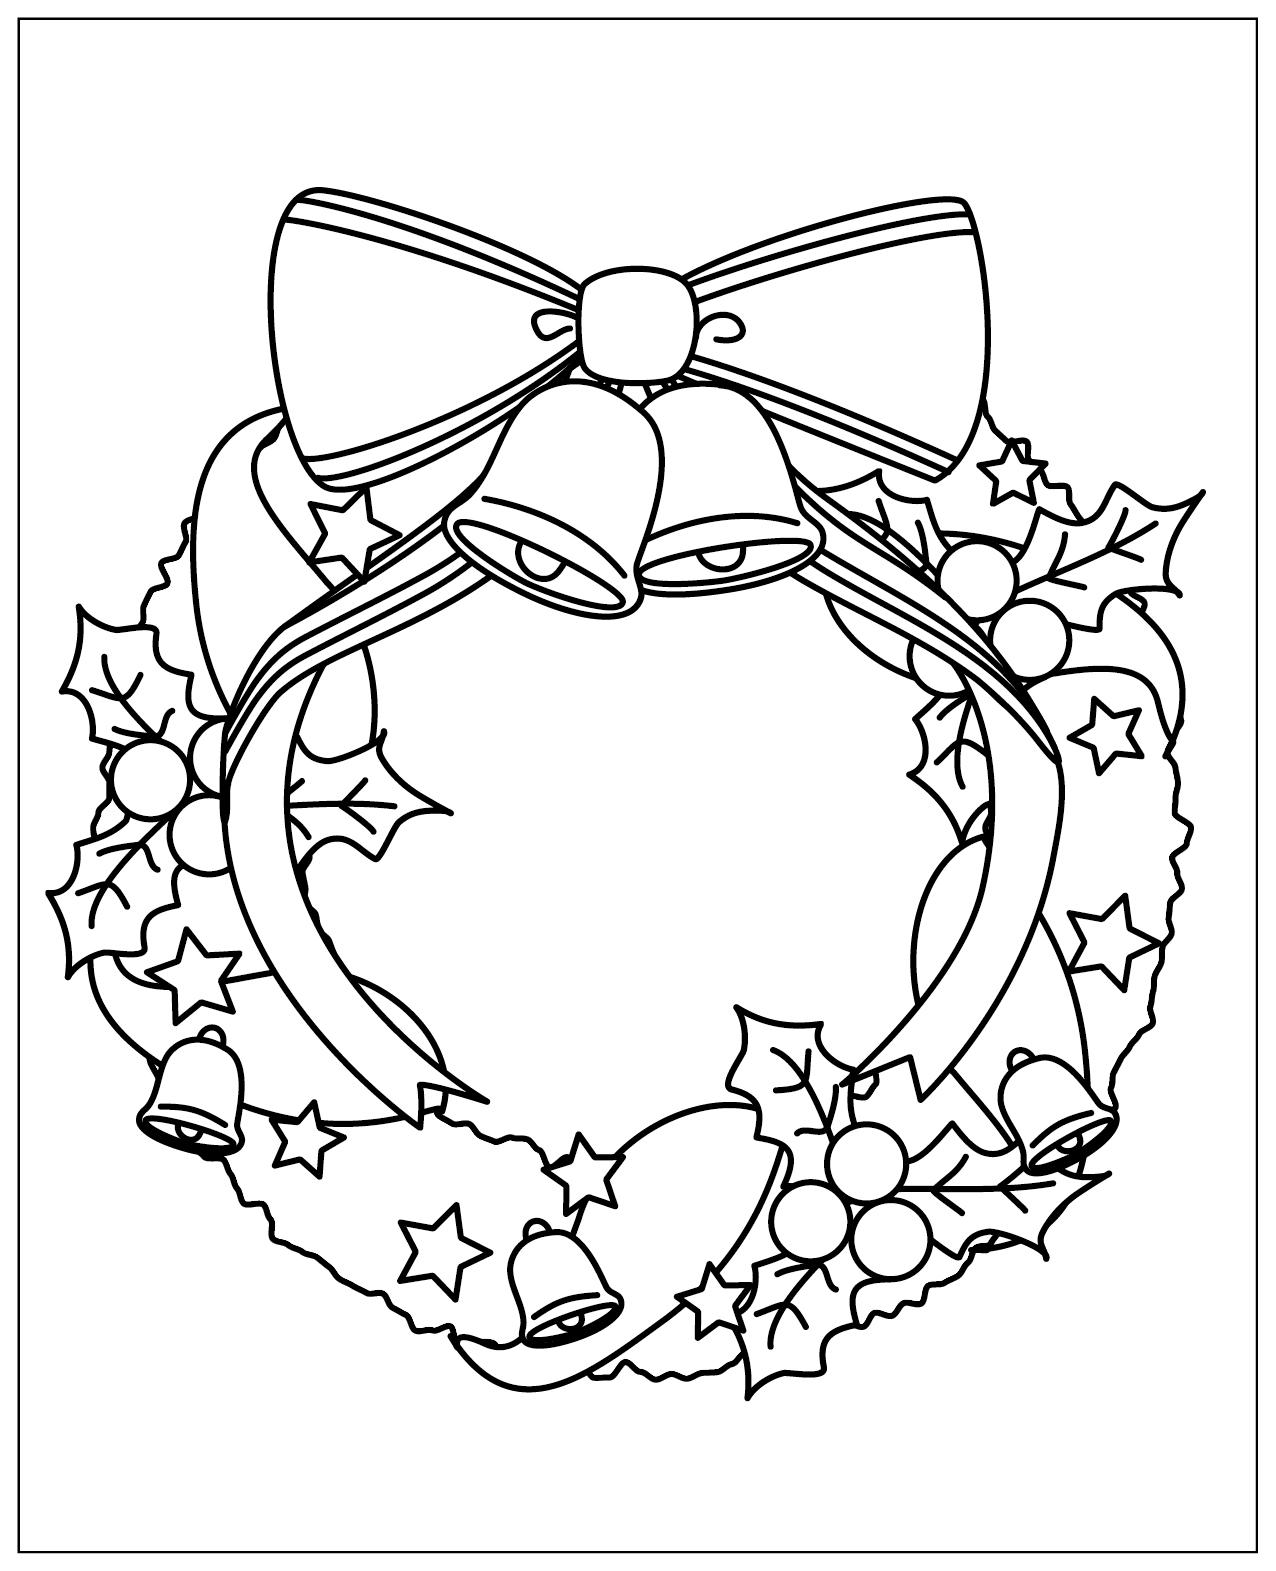 レク素材 クリスマスリース介護レク広場レク素材やレクネタ企画書